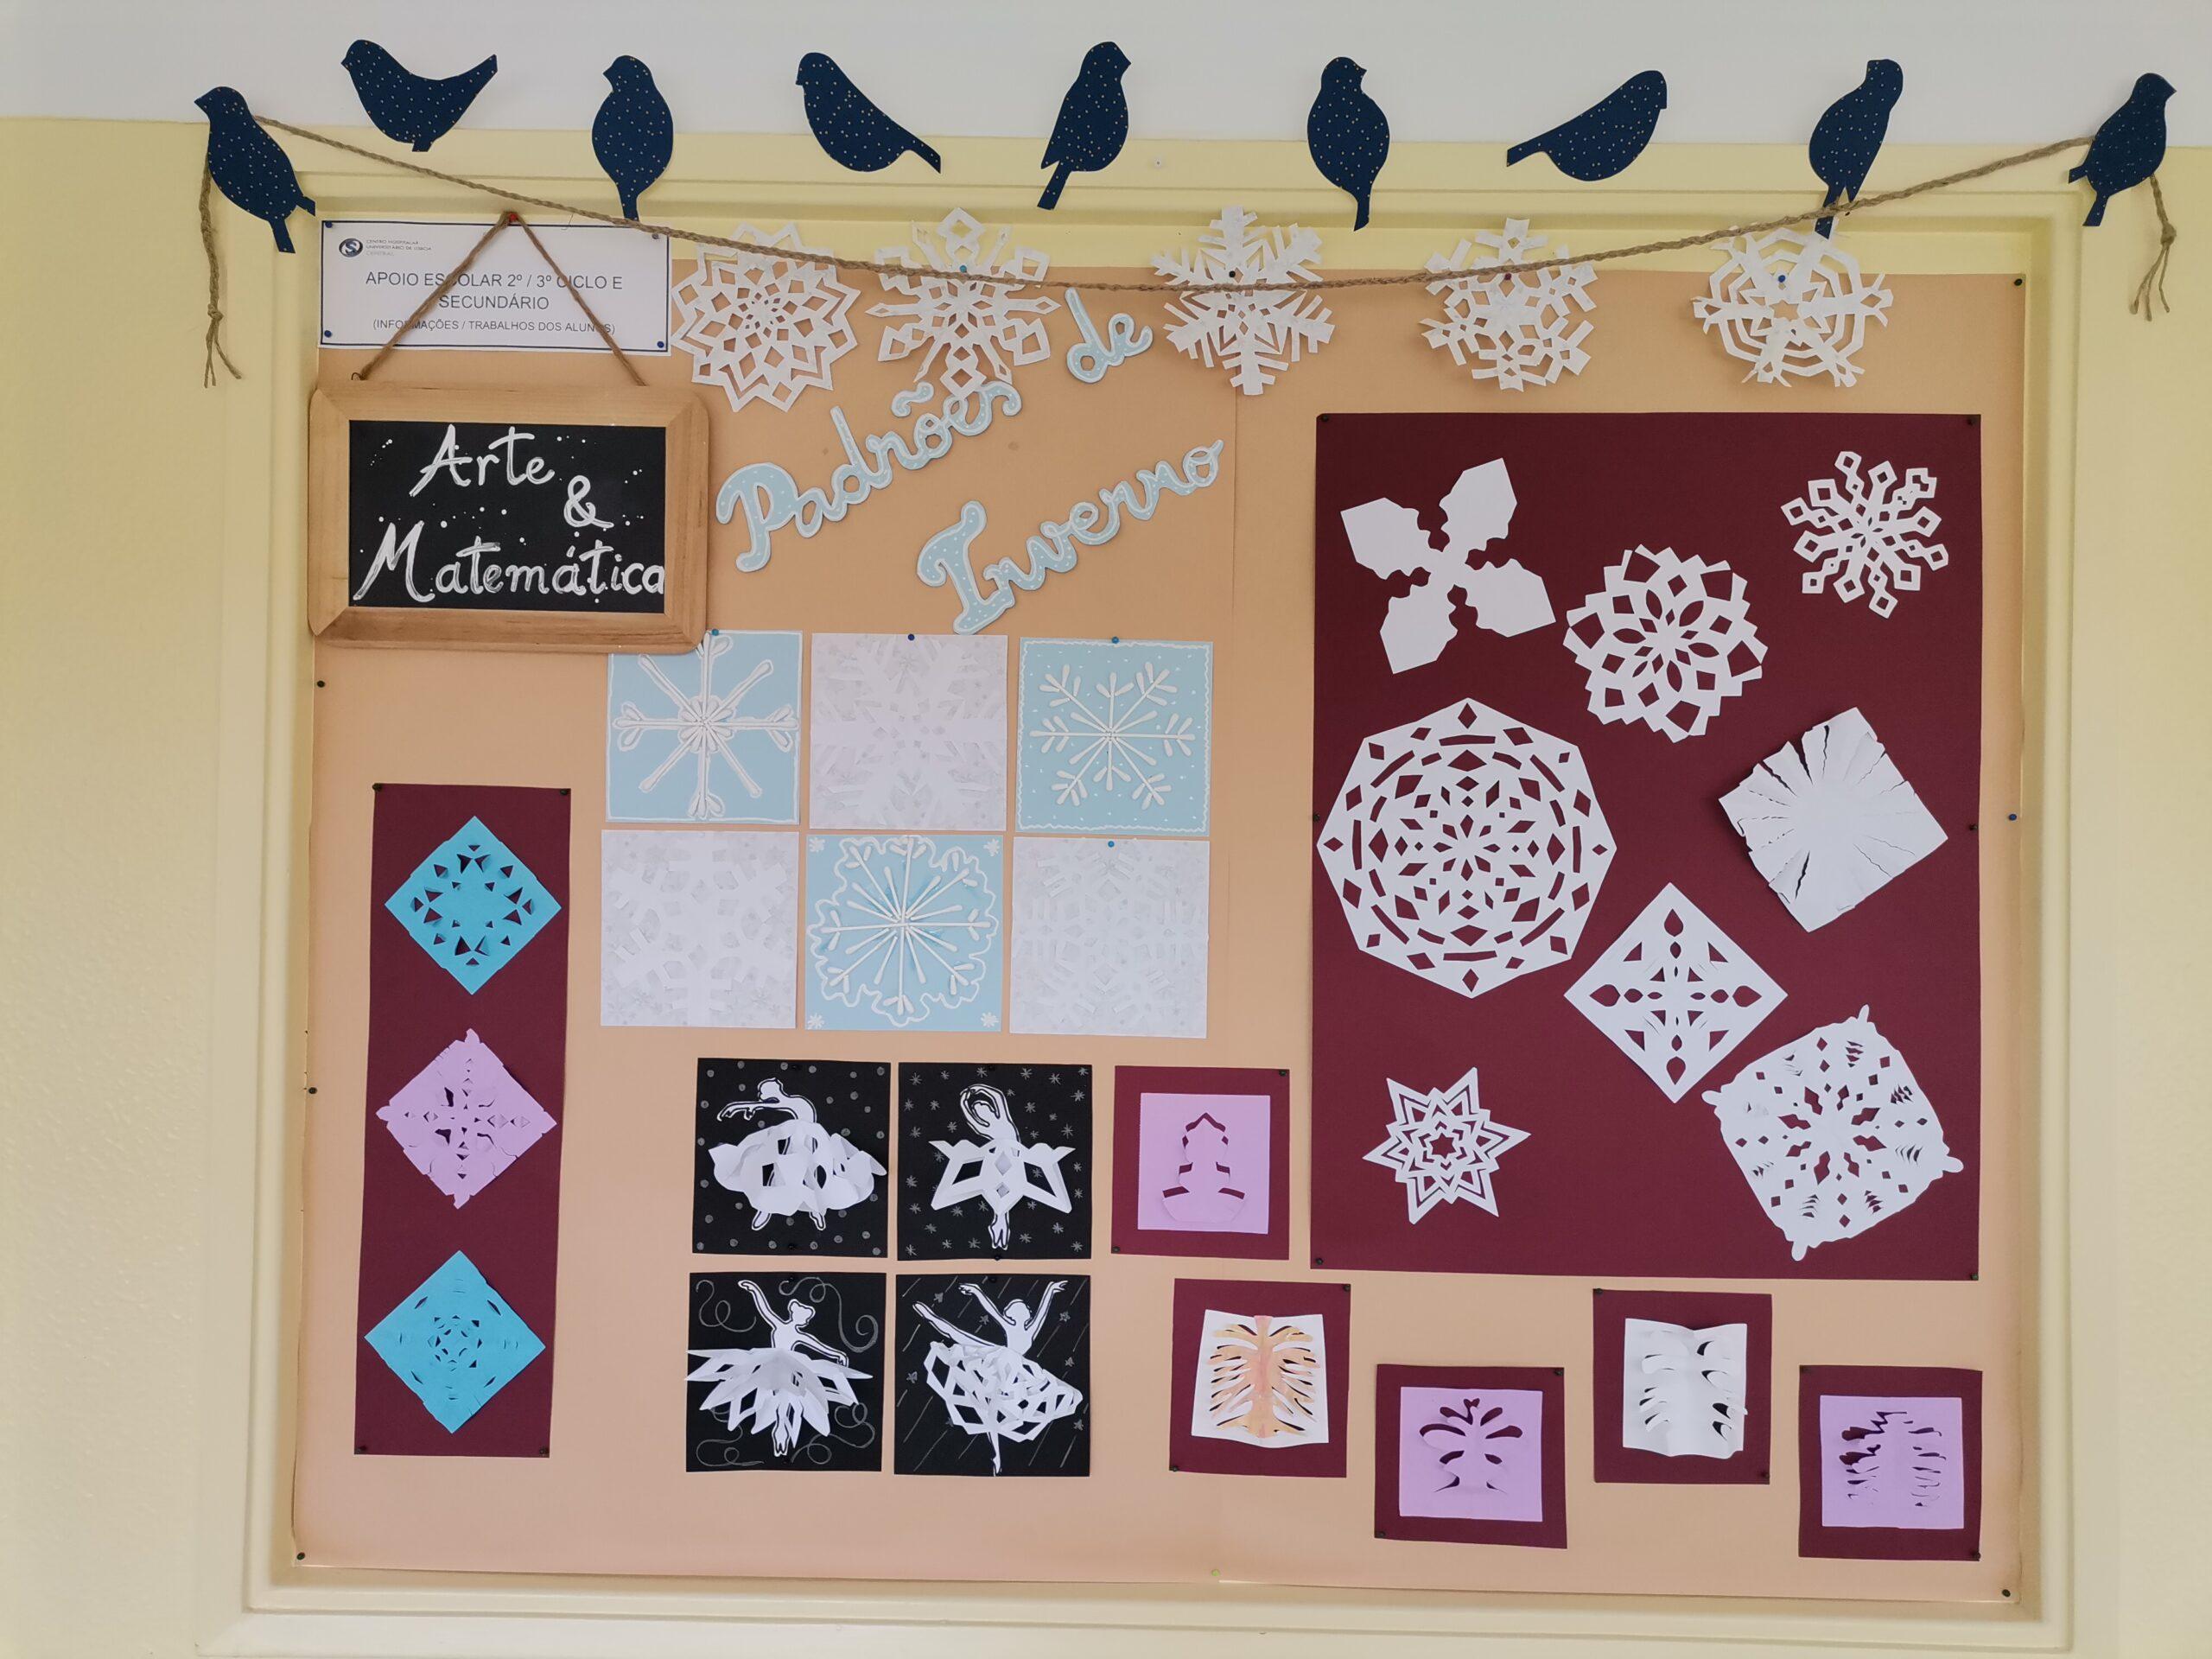 Flocos de neve e outras formas, algumas simétricas, recortadas em papel no placard da escola